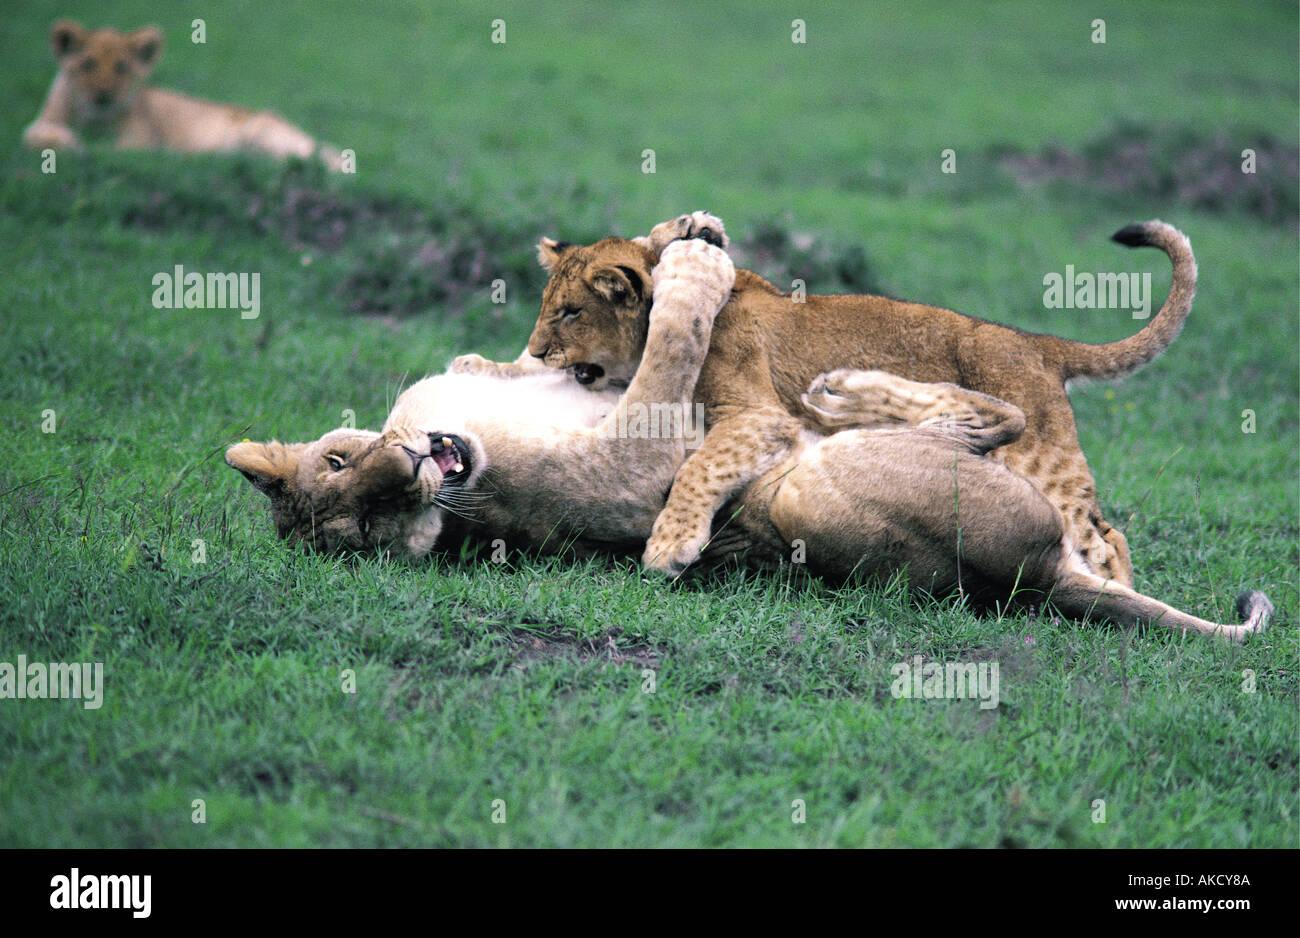 Sei settimane vecchio LION CUB giocando sulla parte superiore di quasi completamente cresciuti lion Masai Mara riserva nazionale del Kenya Africa orientale Immagini Stock